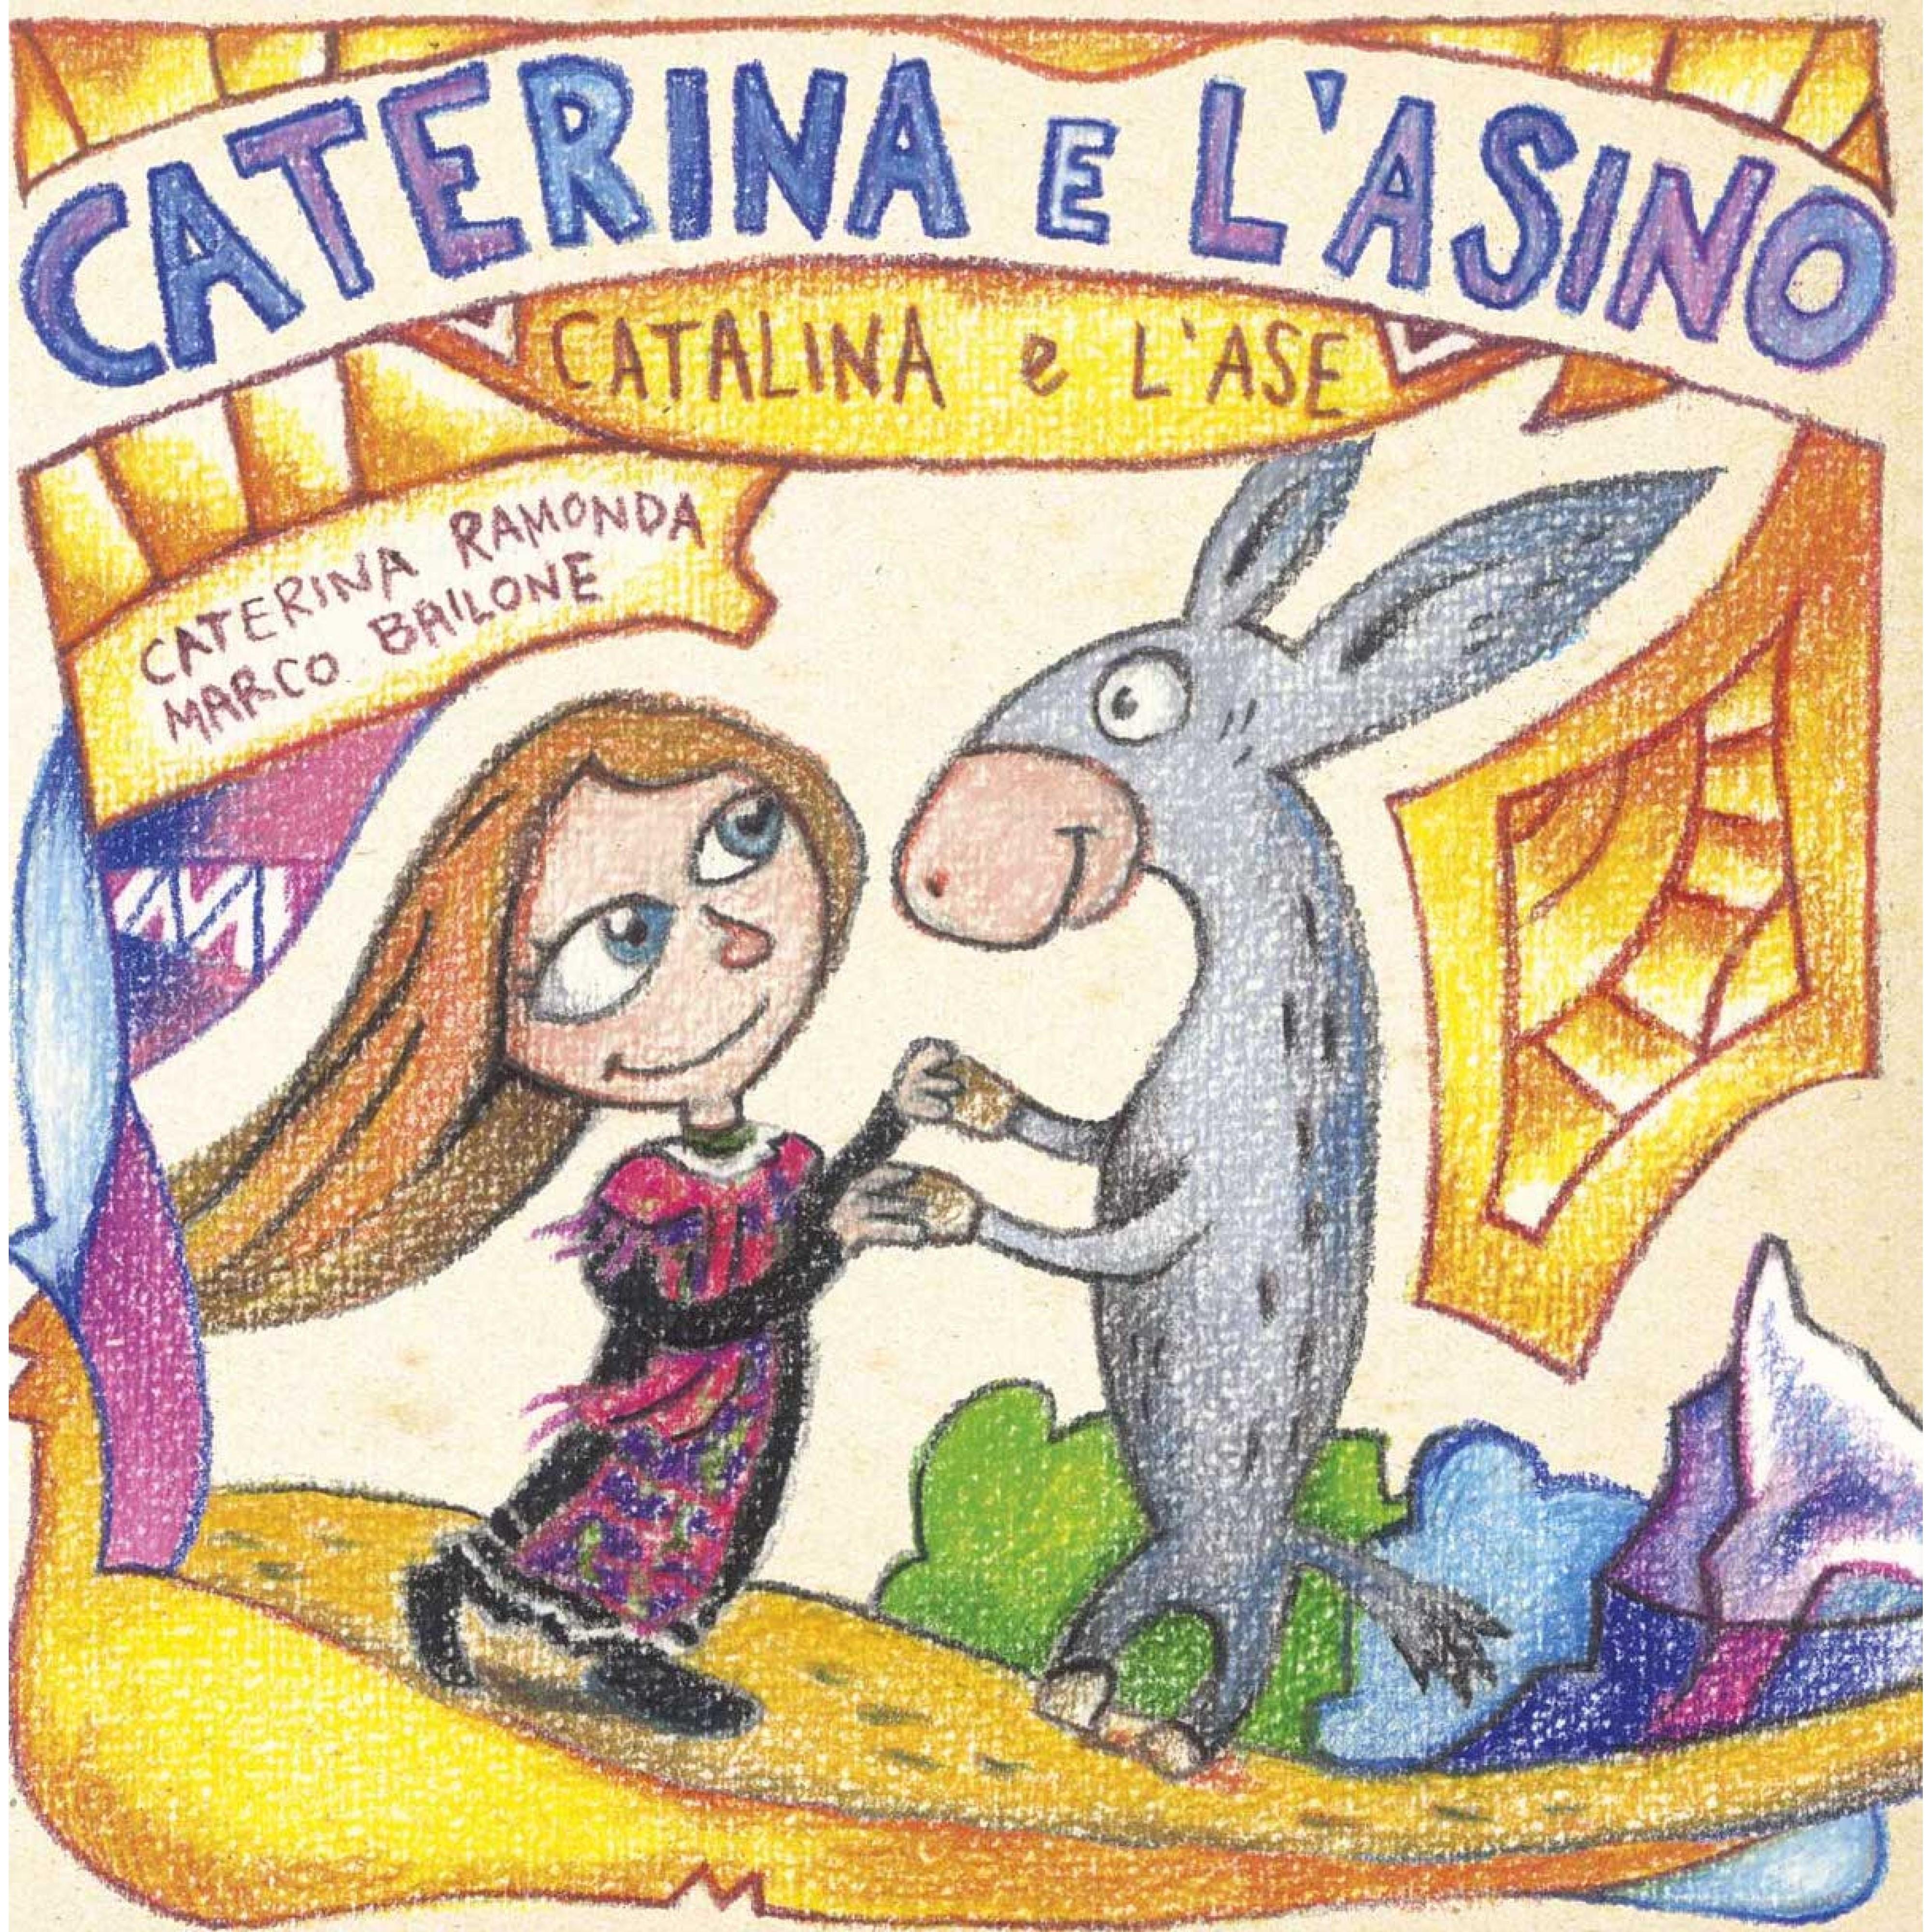 Caterina e l'asino - Catalina e l'ase